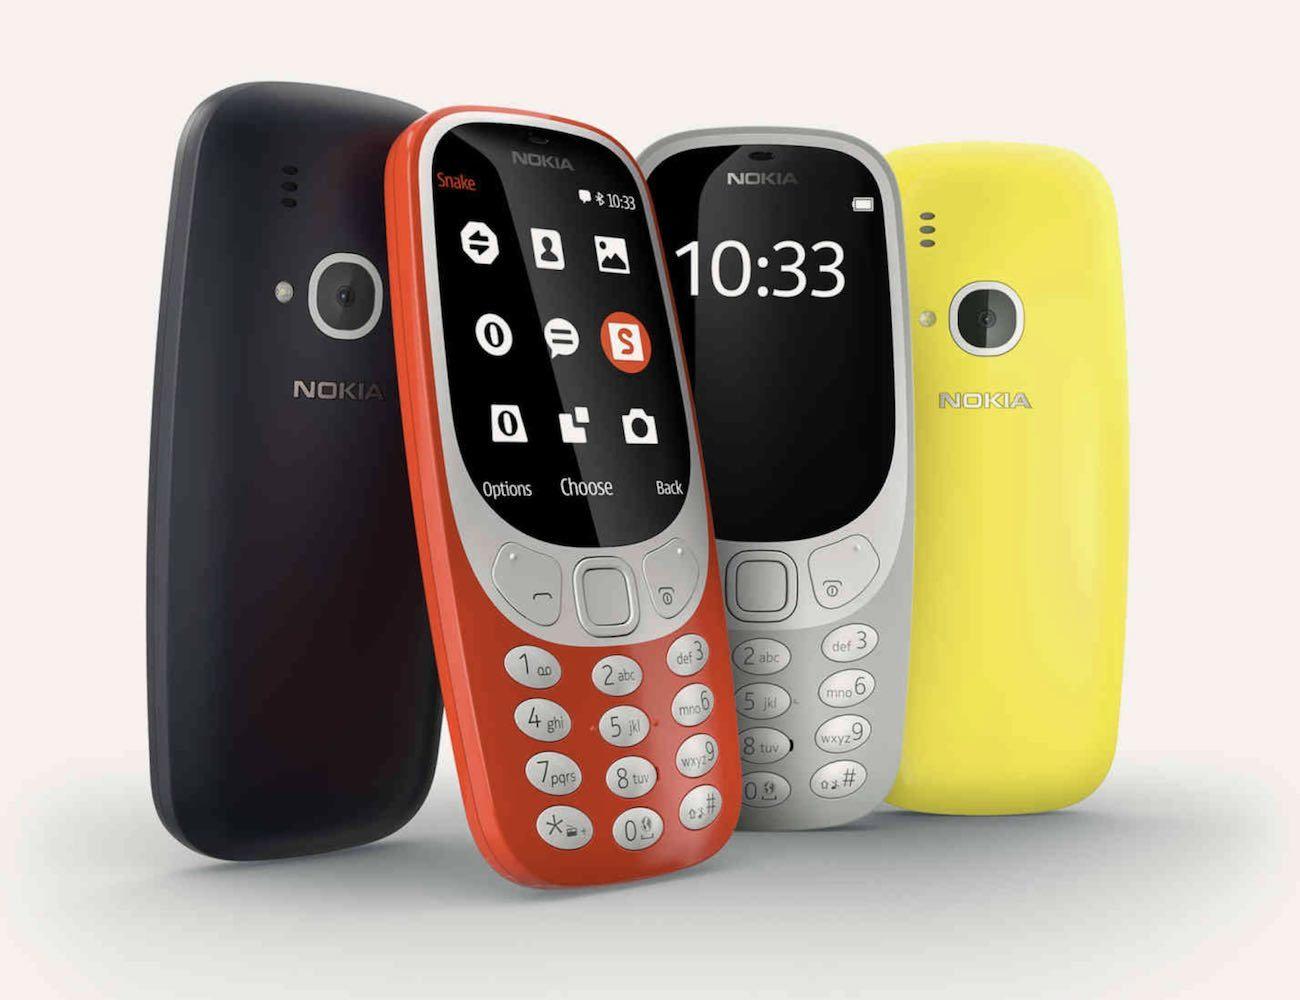 Nokia 3310 Classic Cellphone